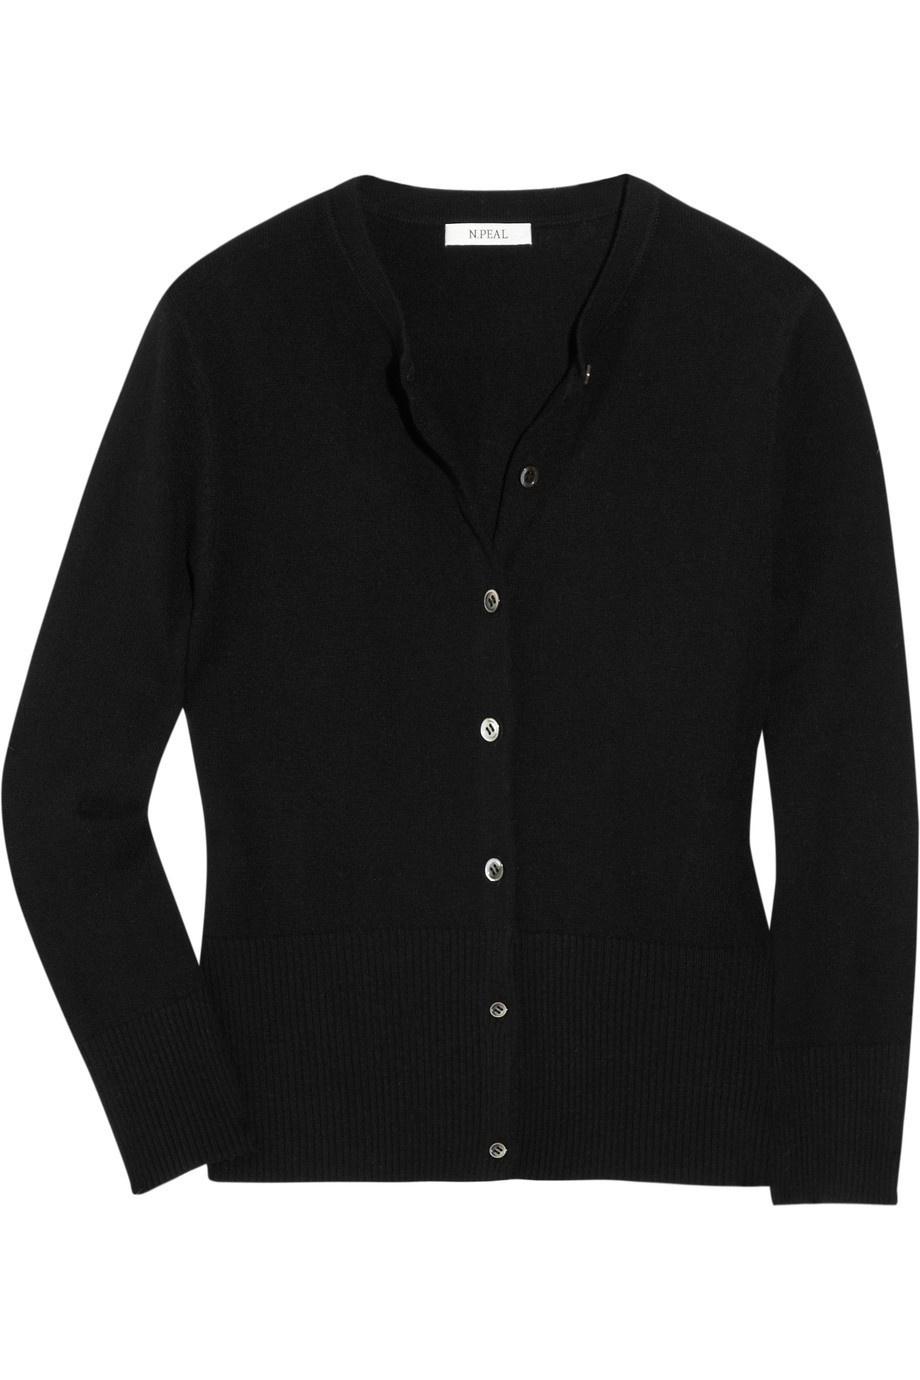 Черный кашемировый кардиган N PEAL CASHMERE размер UK 12